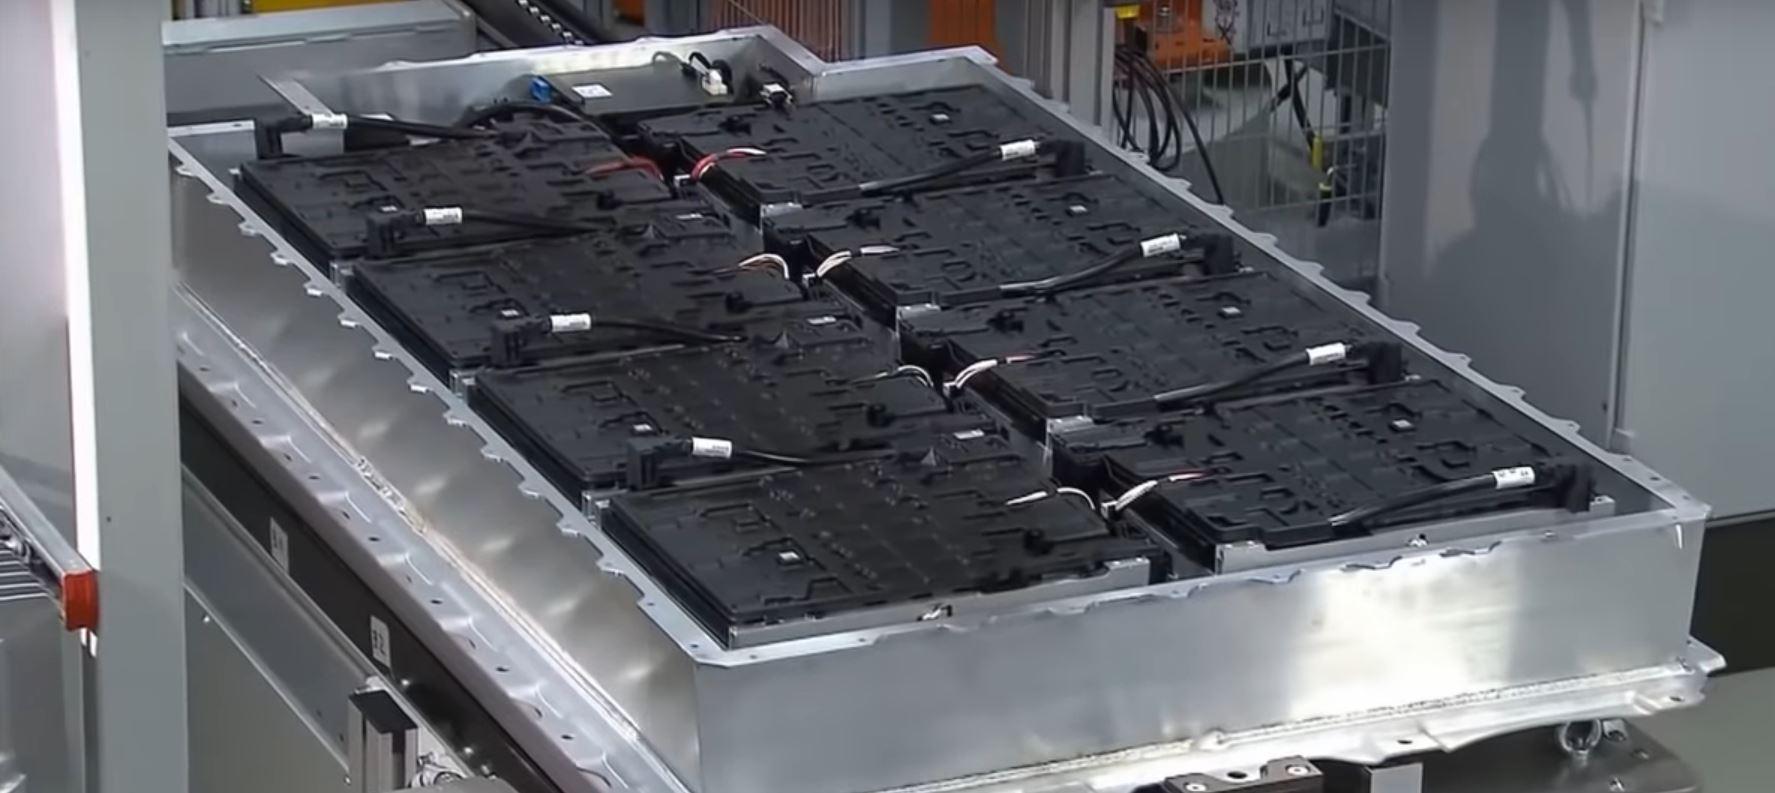 Рынок аккумуляторных батарей для электромобилей может существенно измениться с появлением быстрой зарядки